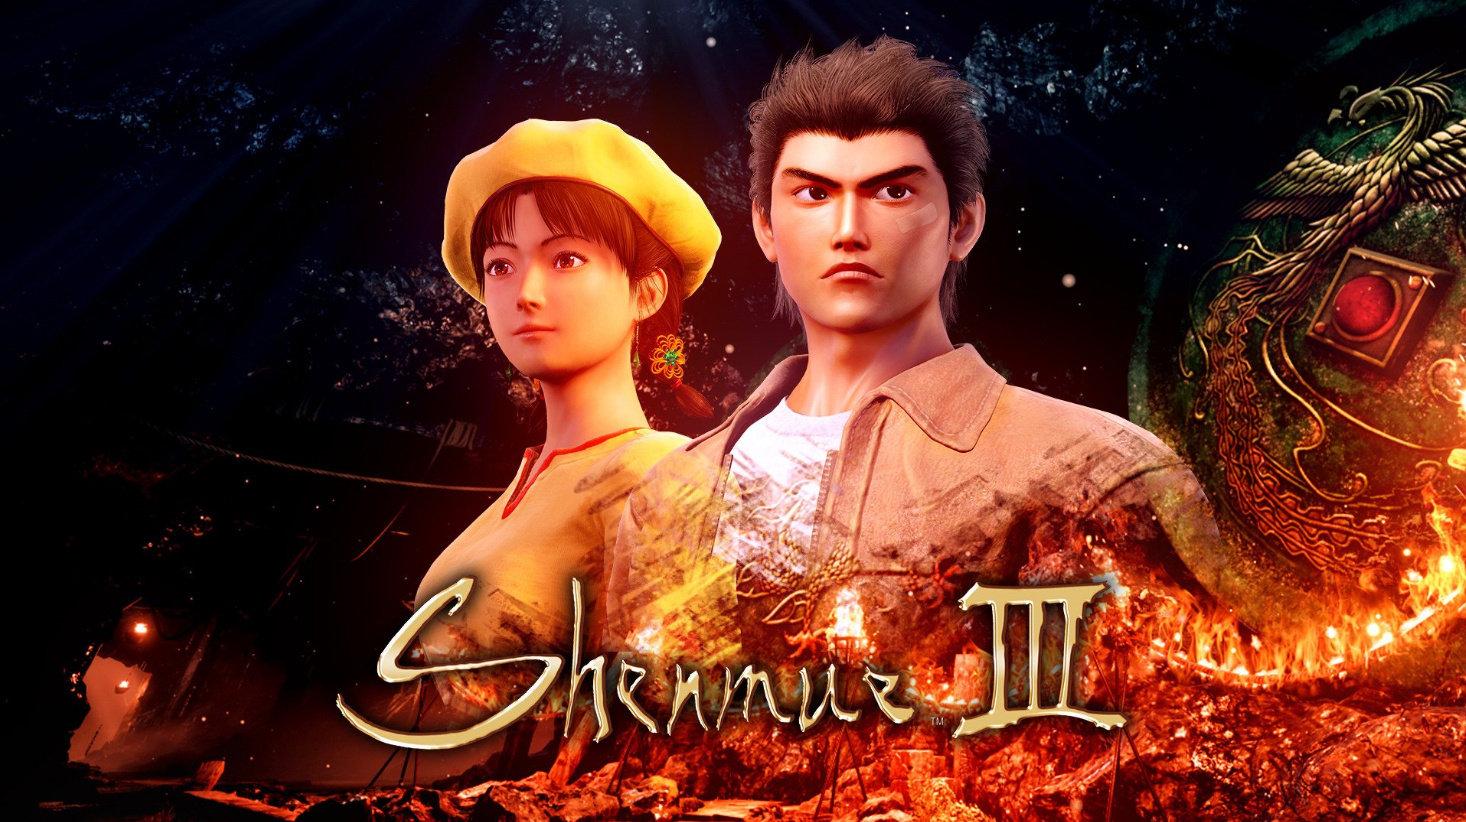 《莎木III》放出新的游戏预告片,展示了一些剧情与战斗要素